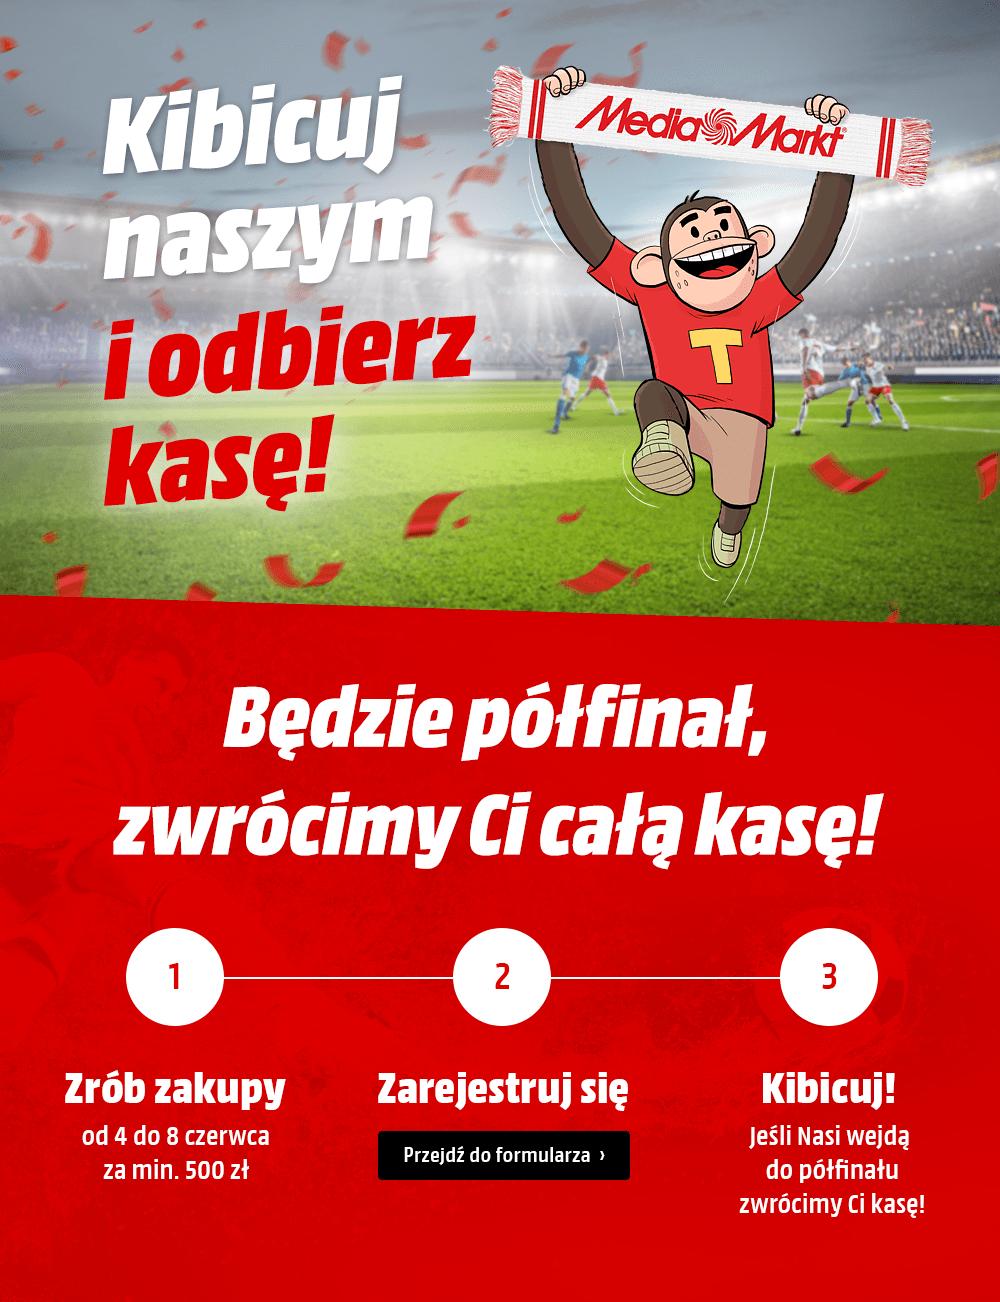 Media markt - zwrot za zakupy, jeśli Polska reprezentacja awansuje do półfinału